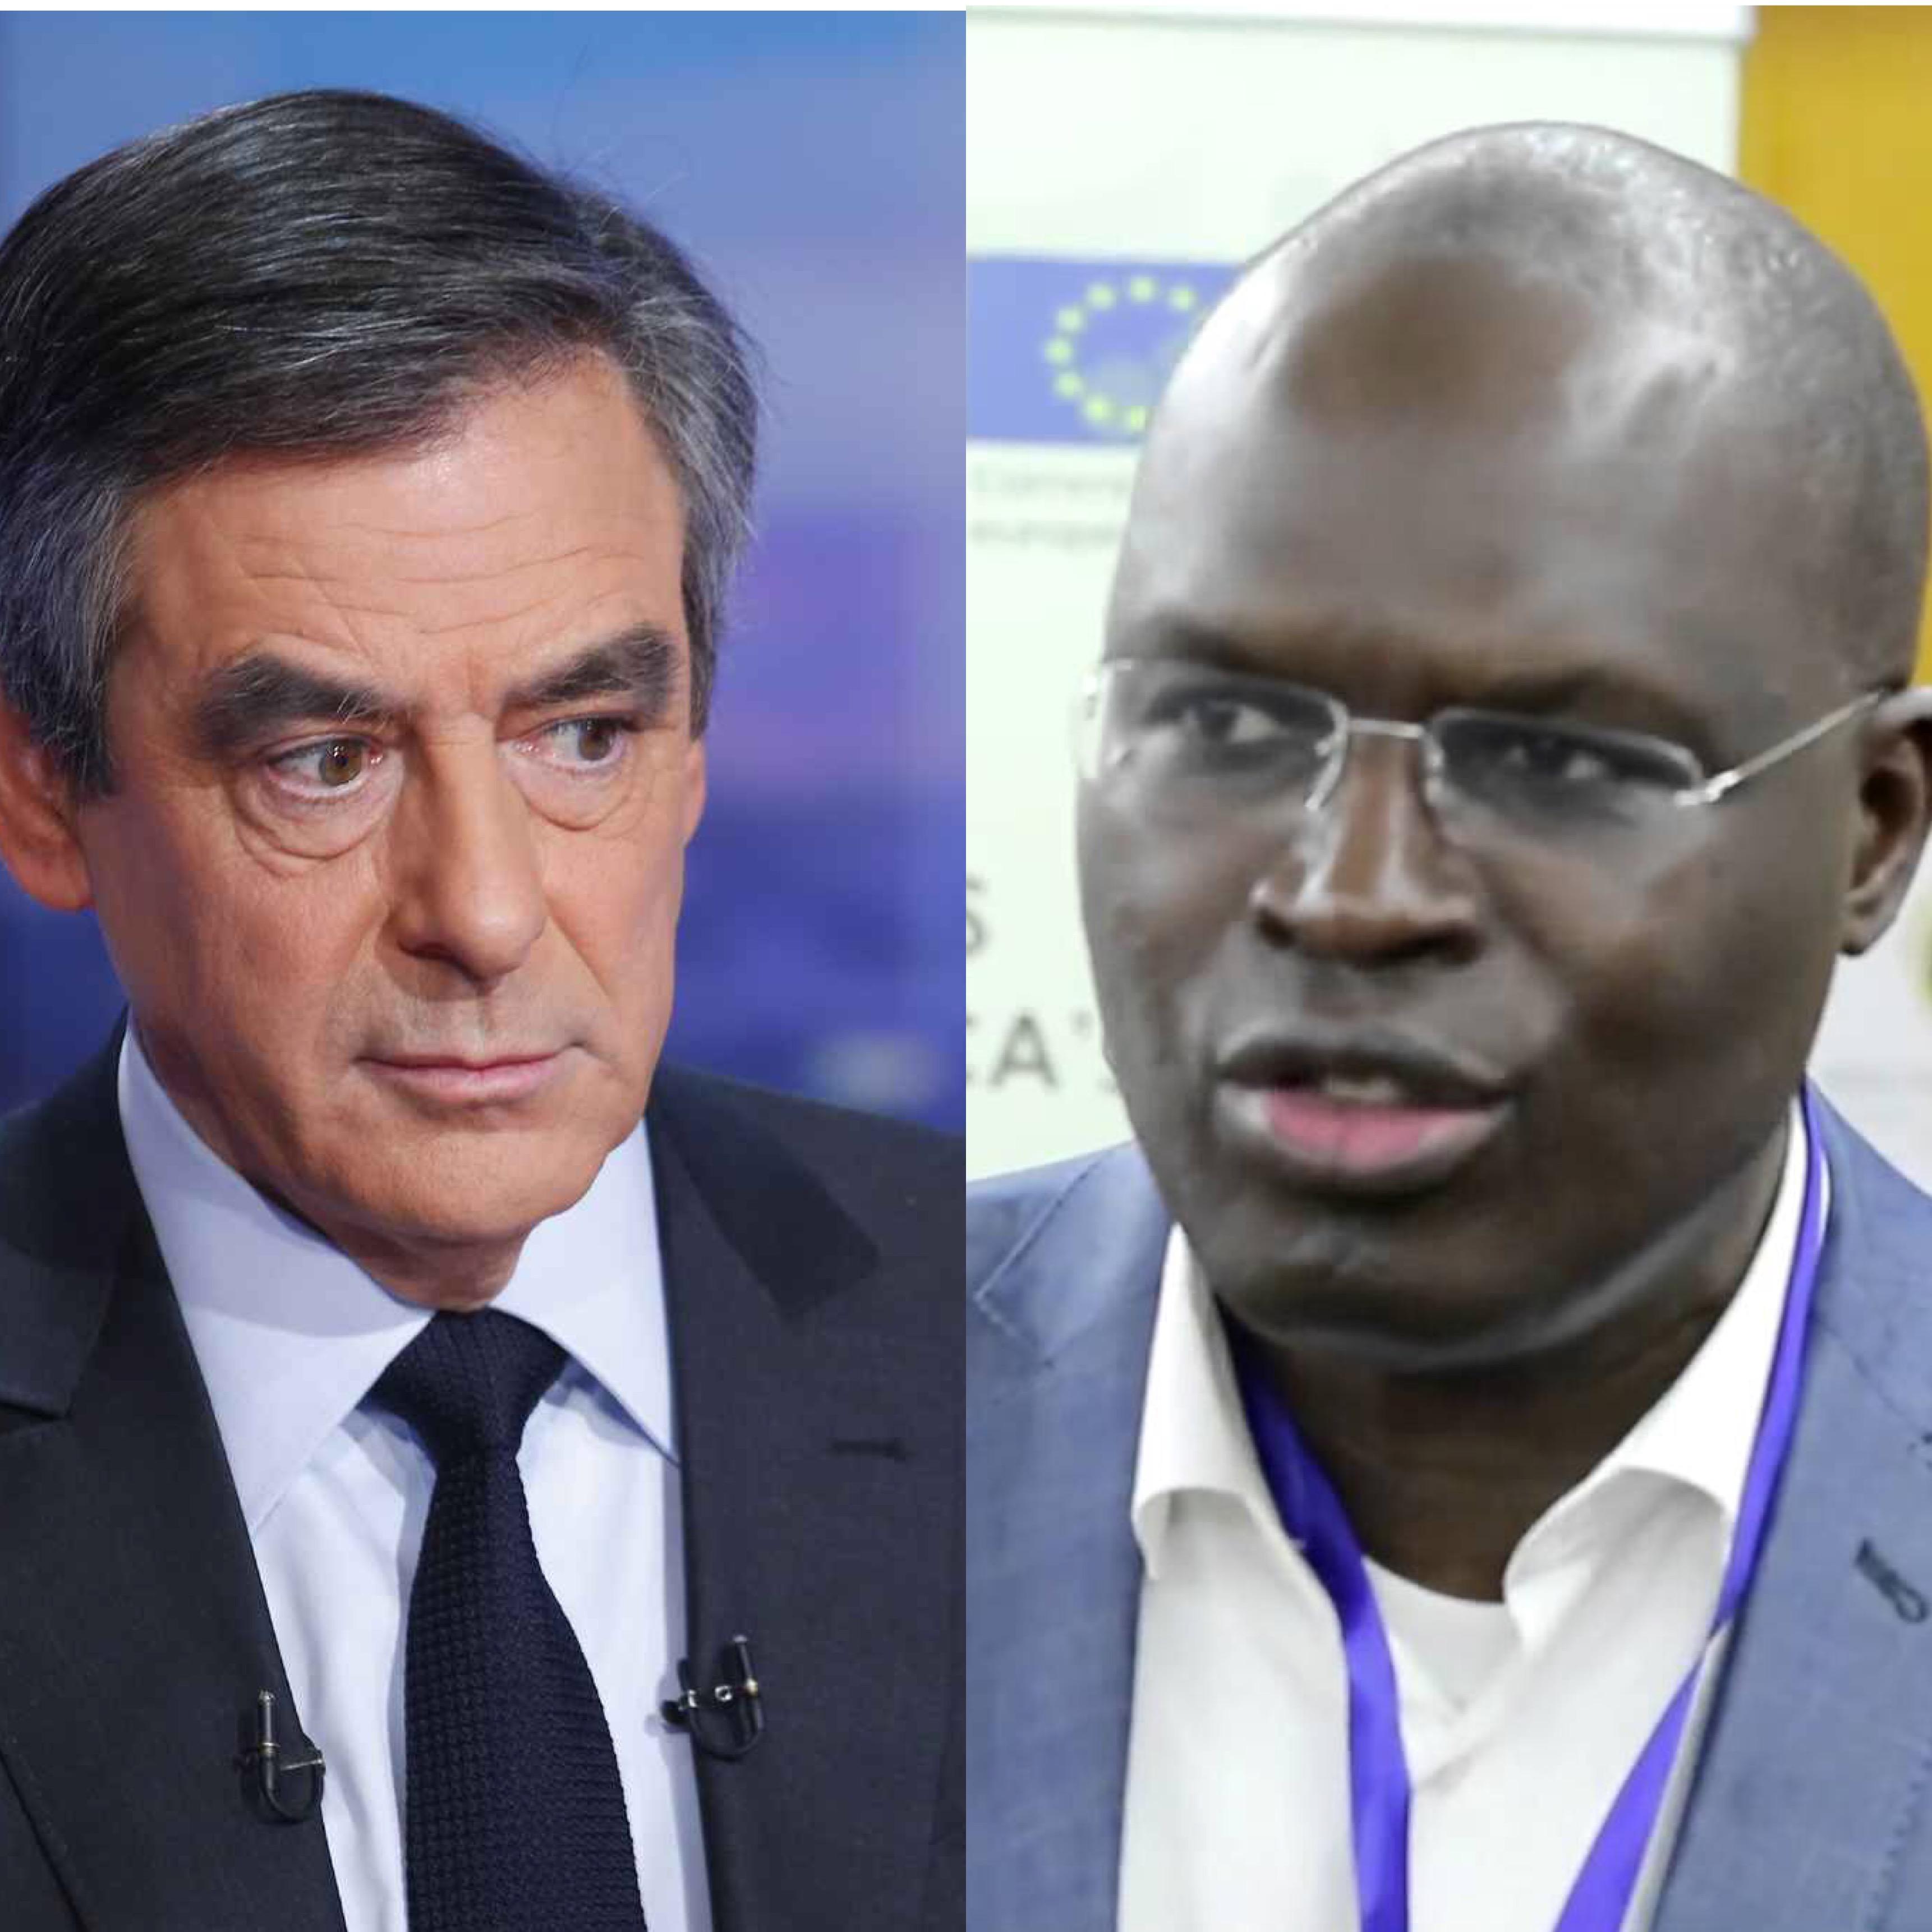 Le candidat pour L'Elysée mis en examen, le maire de Dakar entendu dans le fond vendredi : Fillon - Khalifa Sall, un destin d' inculpés...